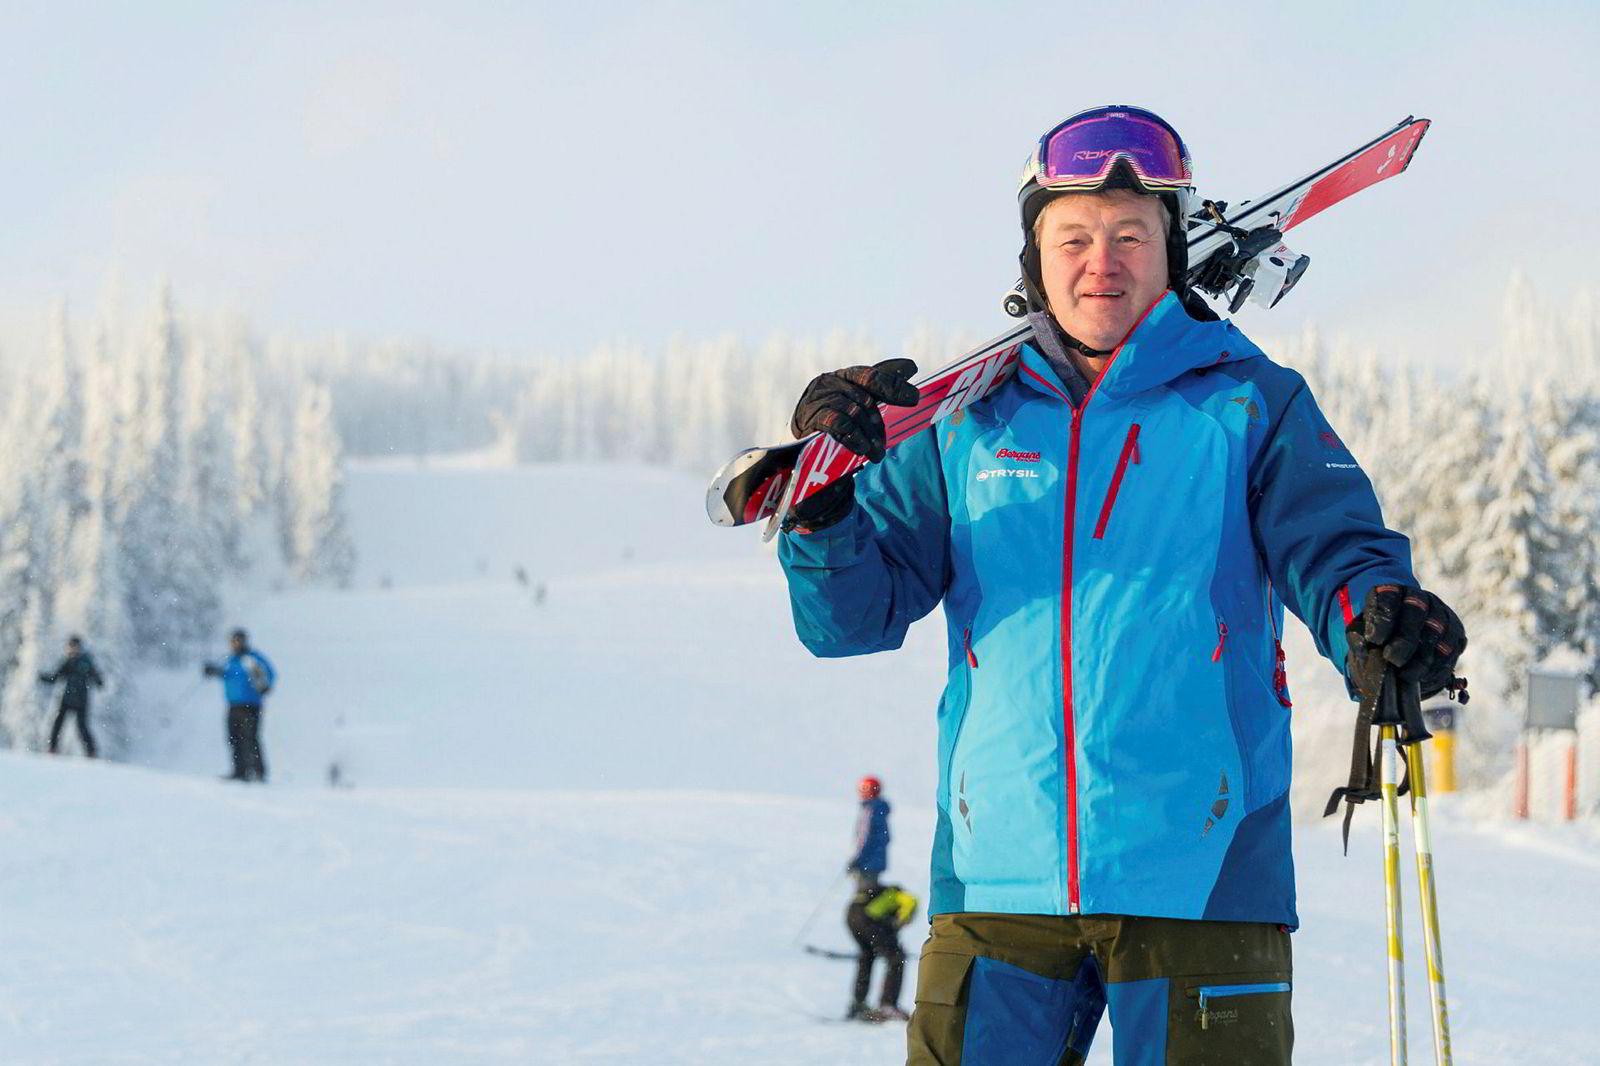 Norgessjef Bosse Halvardsson i børsnoterte Skistar synes det er utrolig moro å drive alpinanlegg i Norge nå.